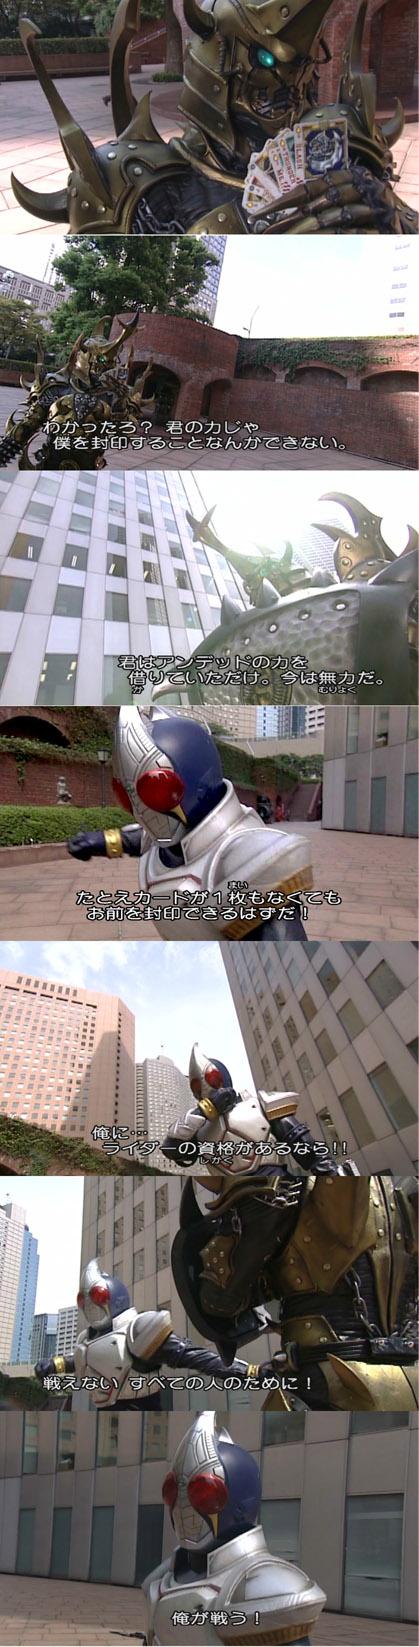 42a2d330 仮面ライダー剣の最終回見終わったんやが